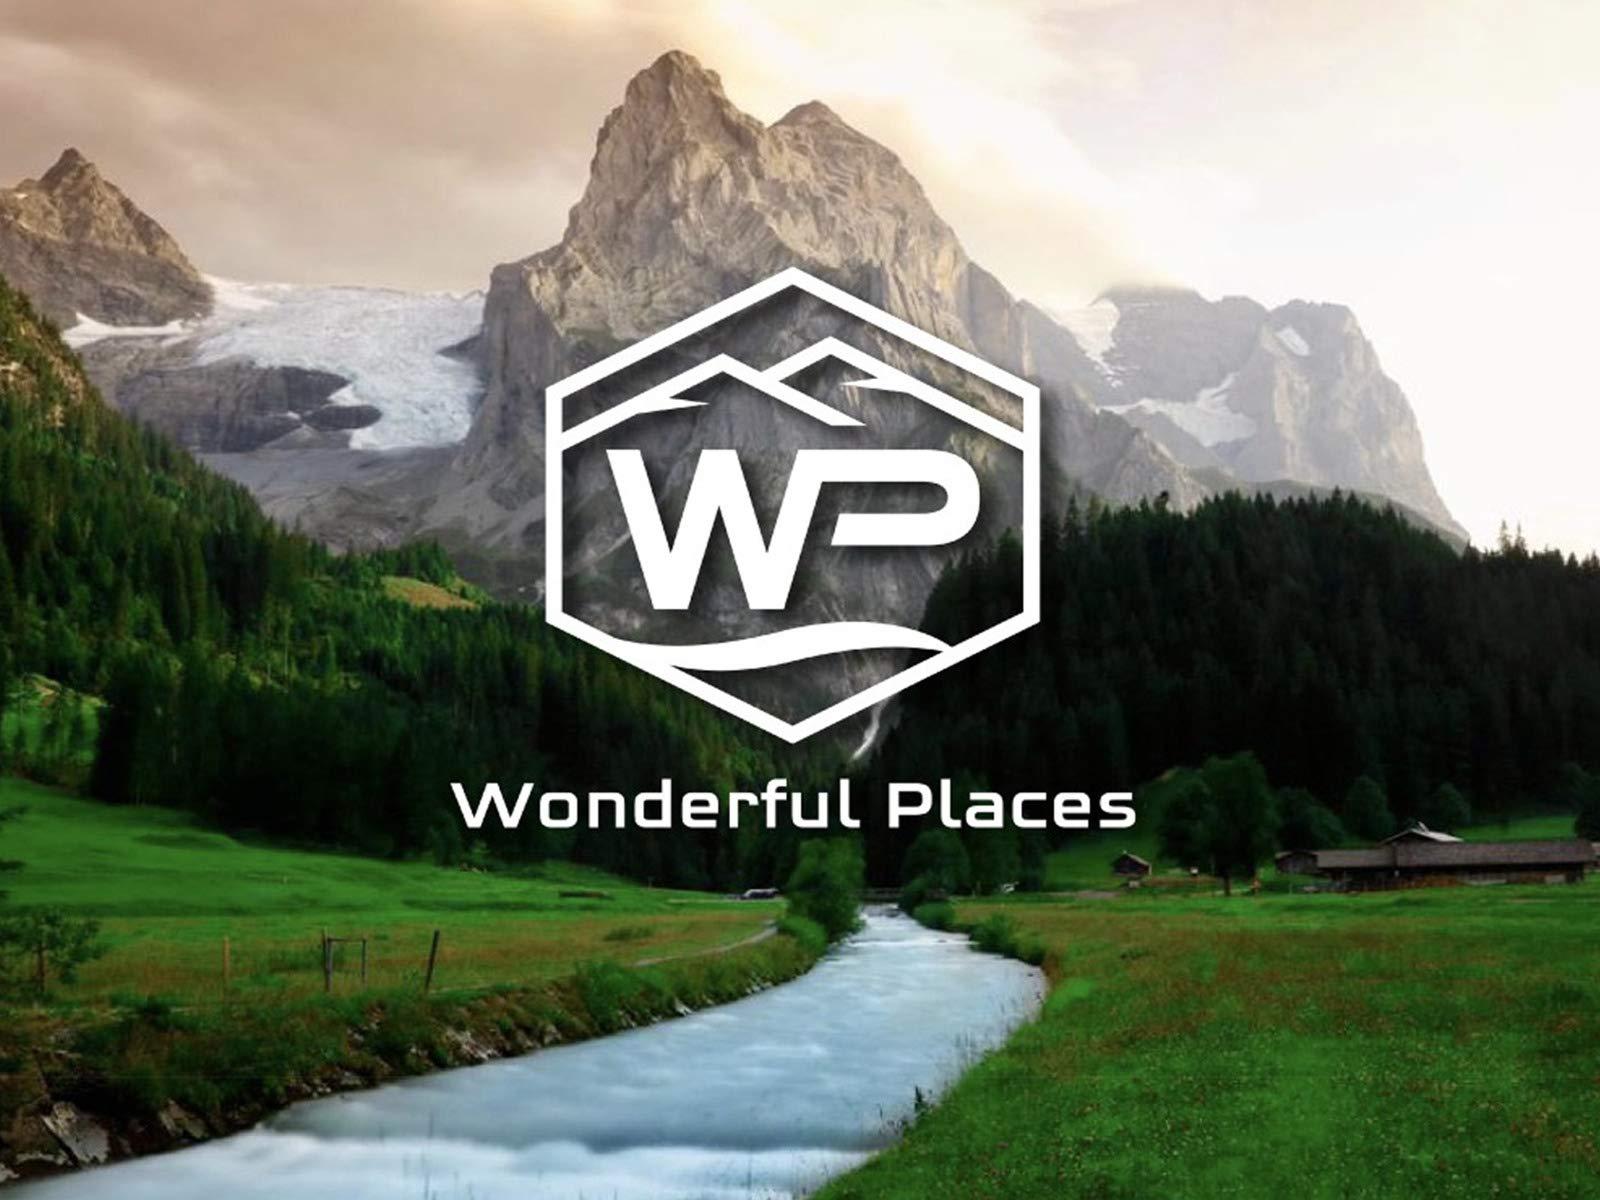 Wonderful Places on Amazon Prime Video UK